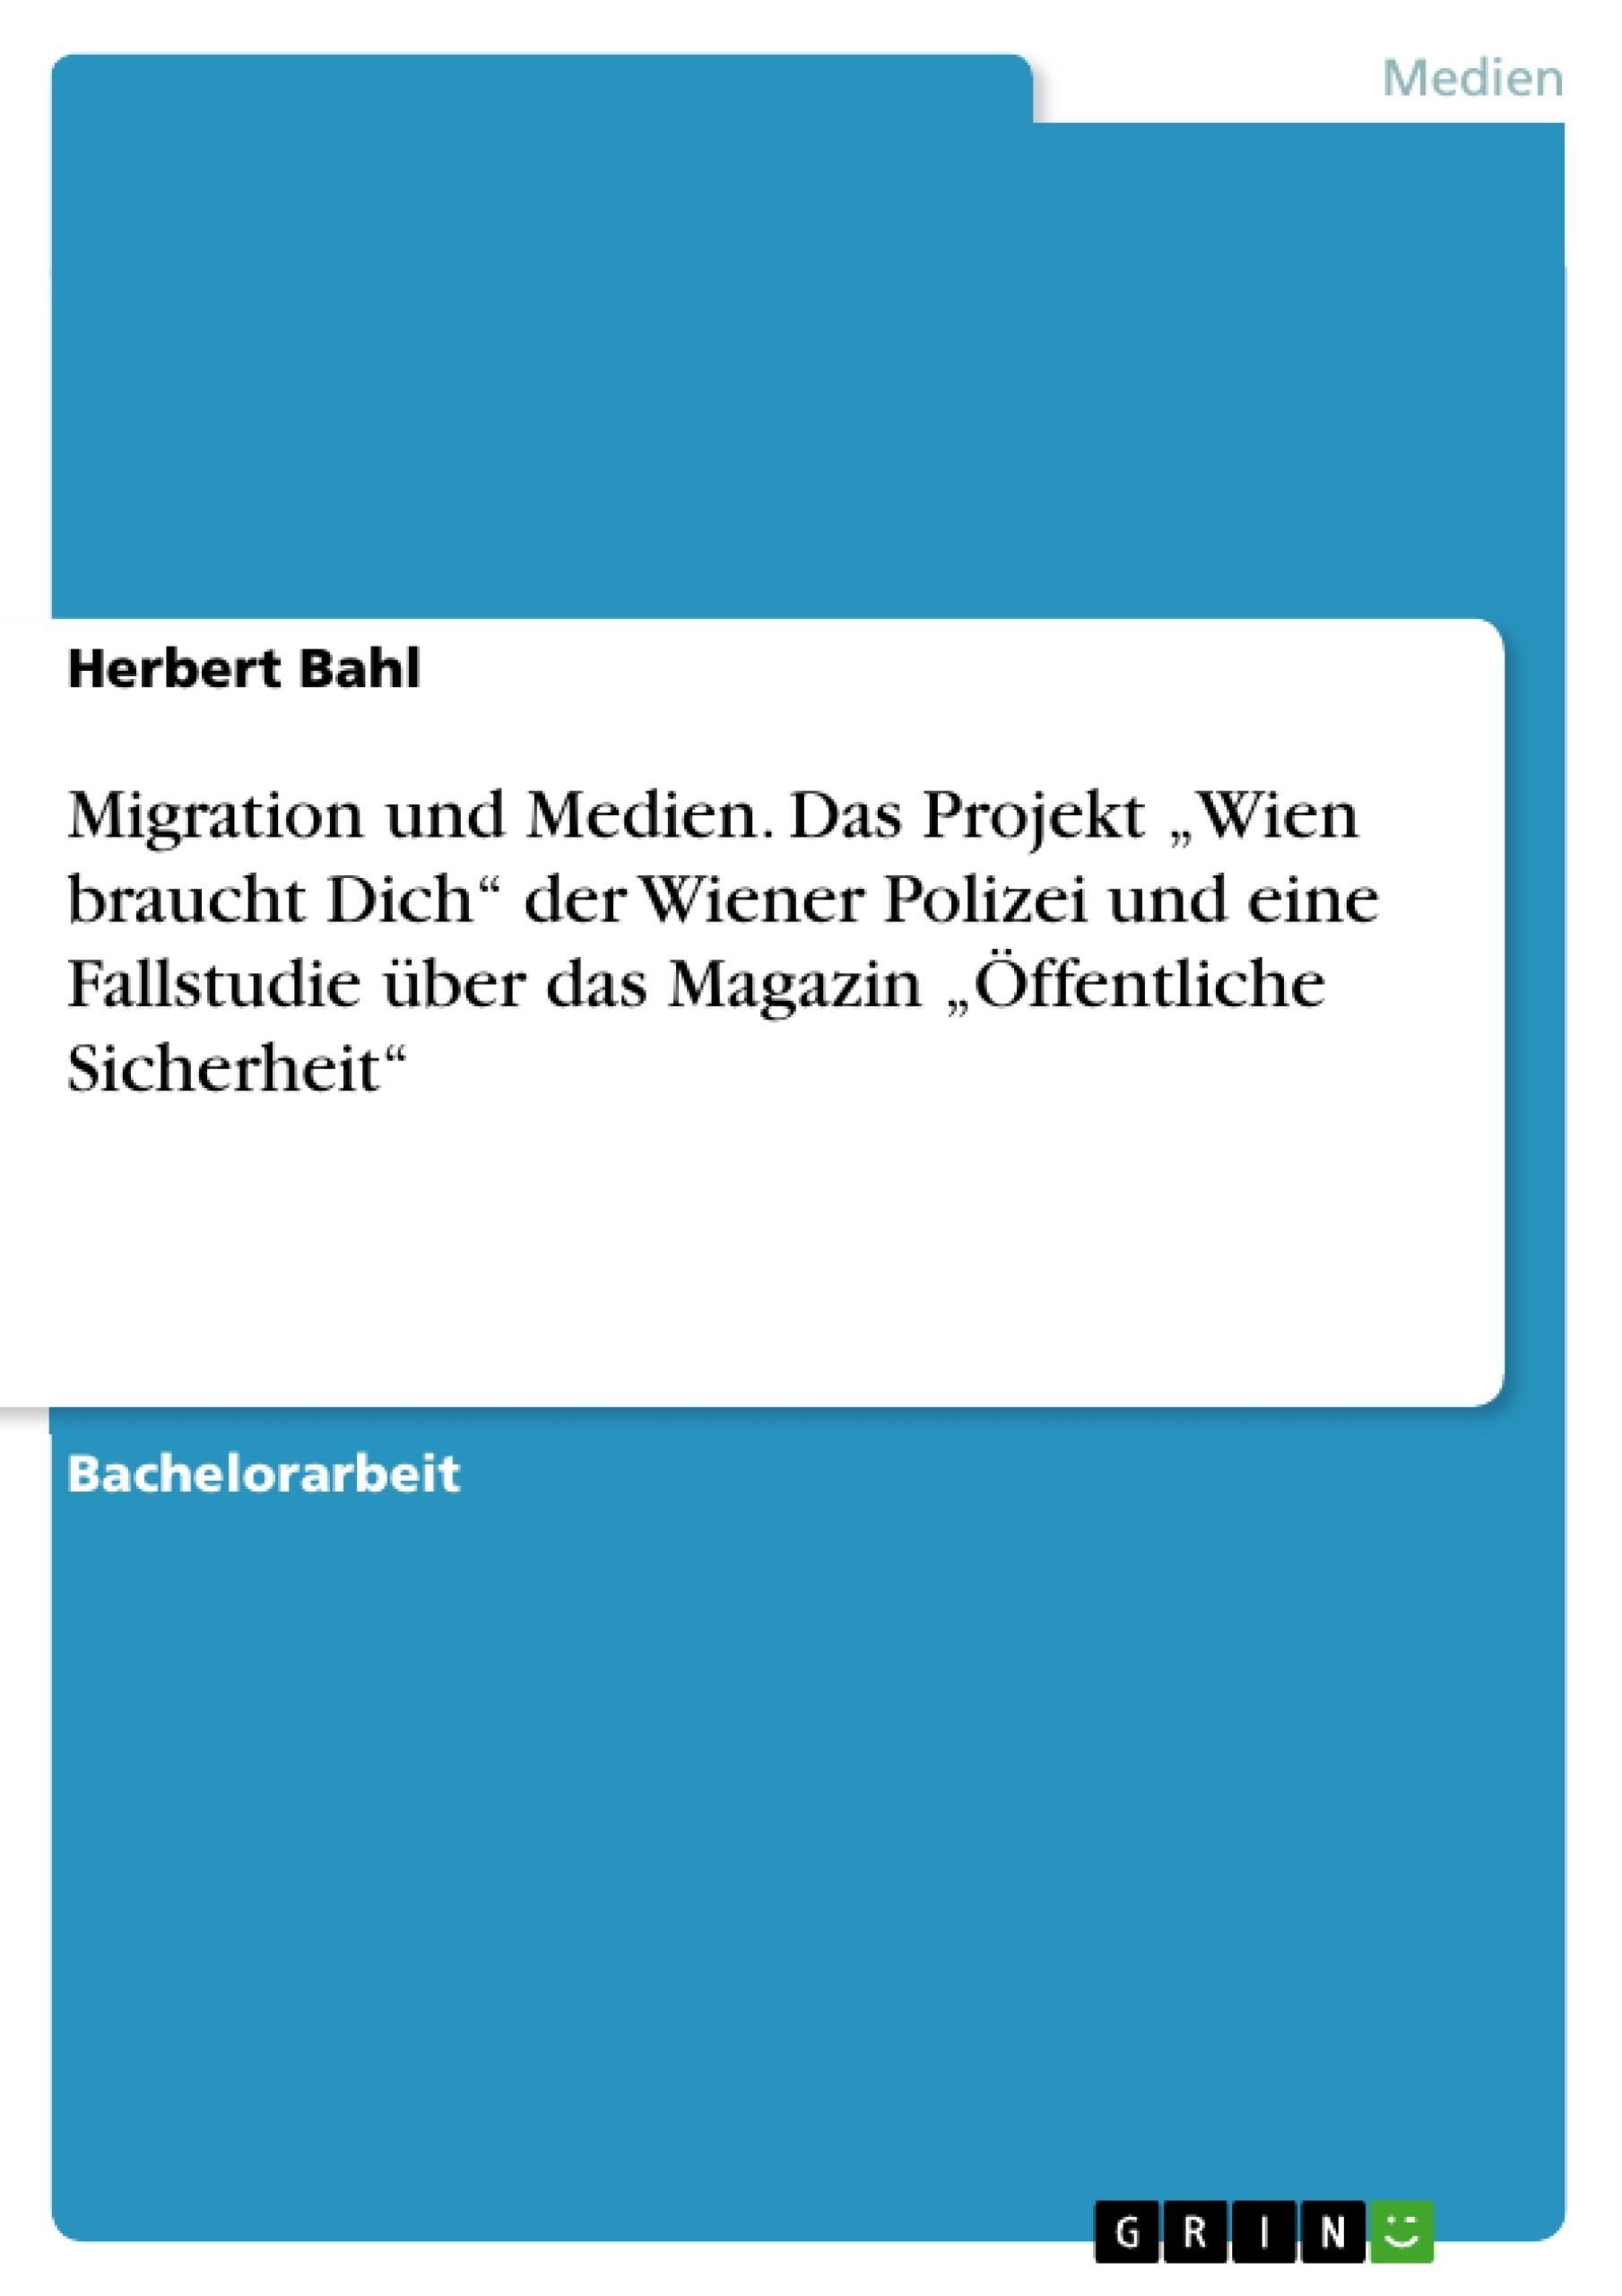 """Titel: Migration und Medien. Das Projekt """"Wien braucht Dich"""" der Wiener Polizei  und eine Fallstudie über das Magazin """"Öffentliche Sicherheit"""""""